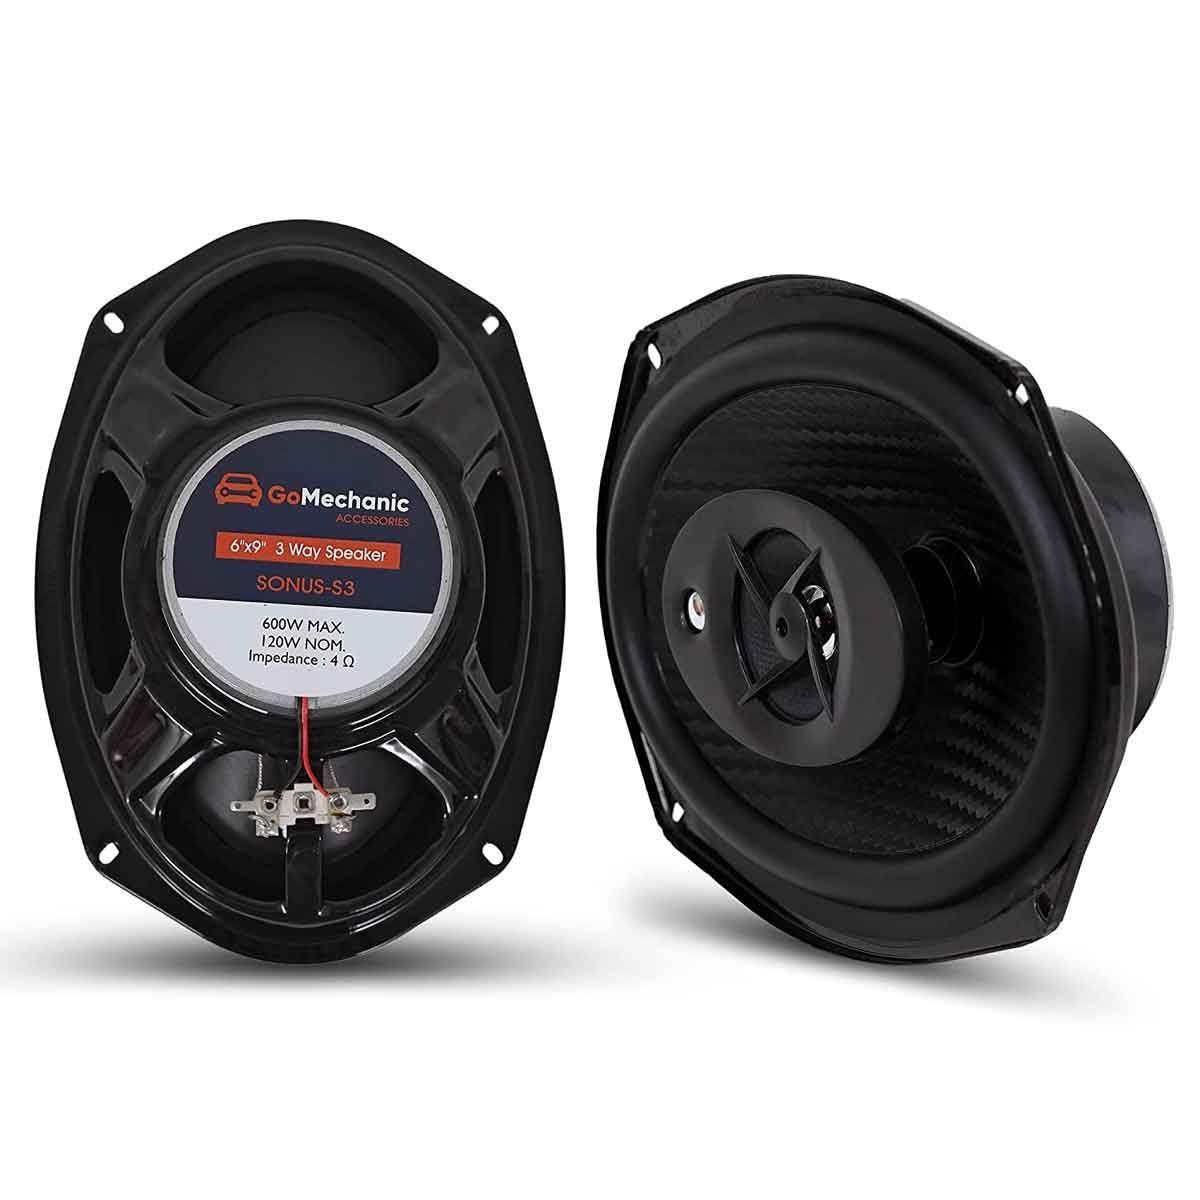 GoMechanic Premium Sonus Car Speakers